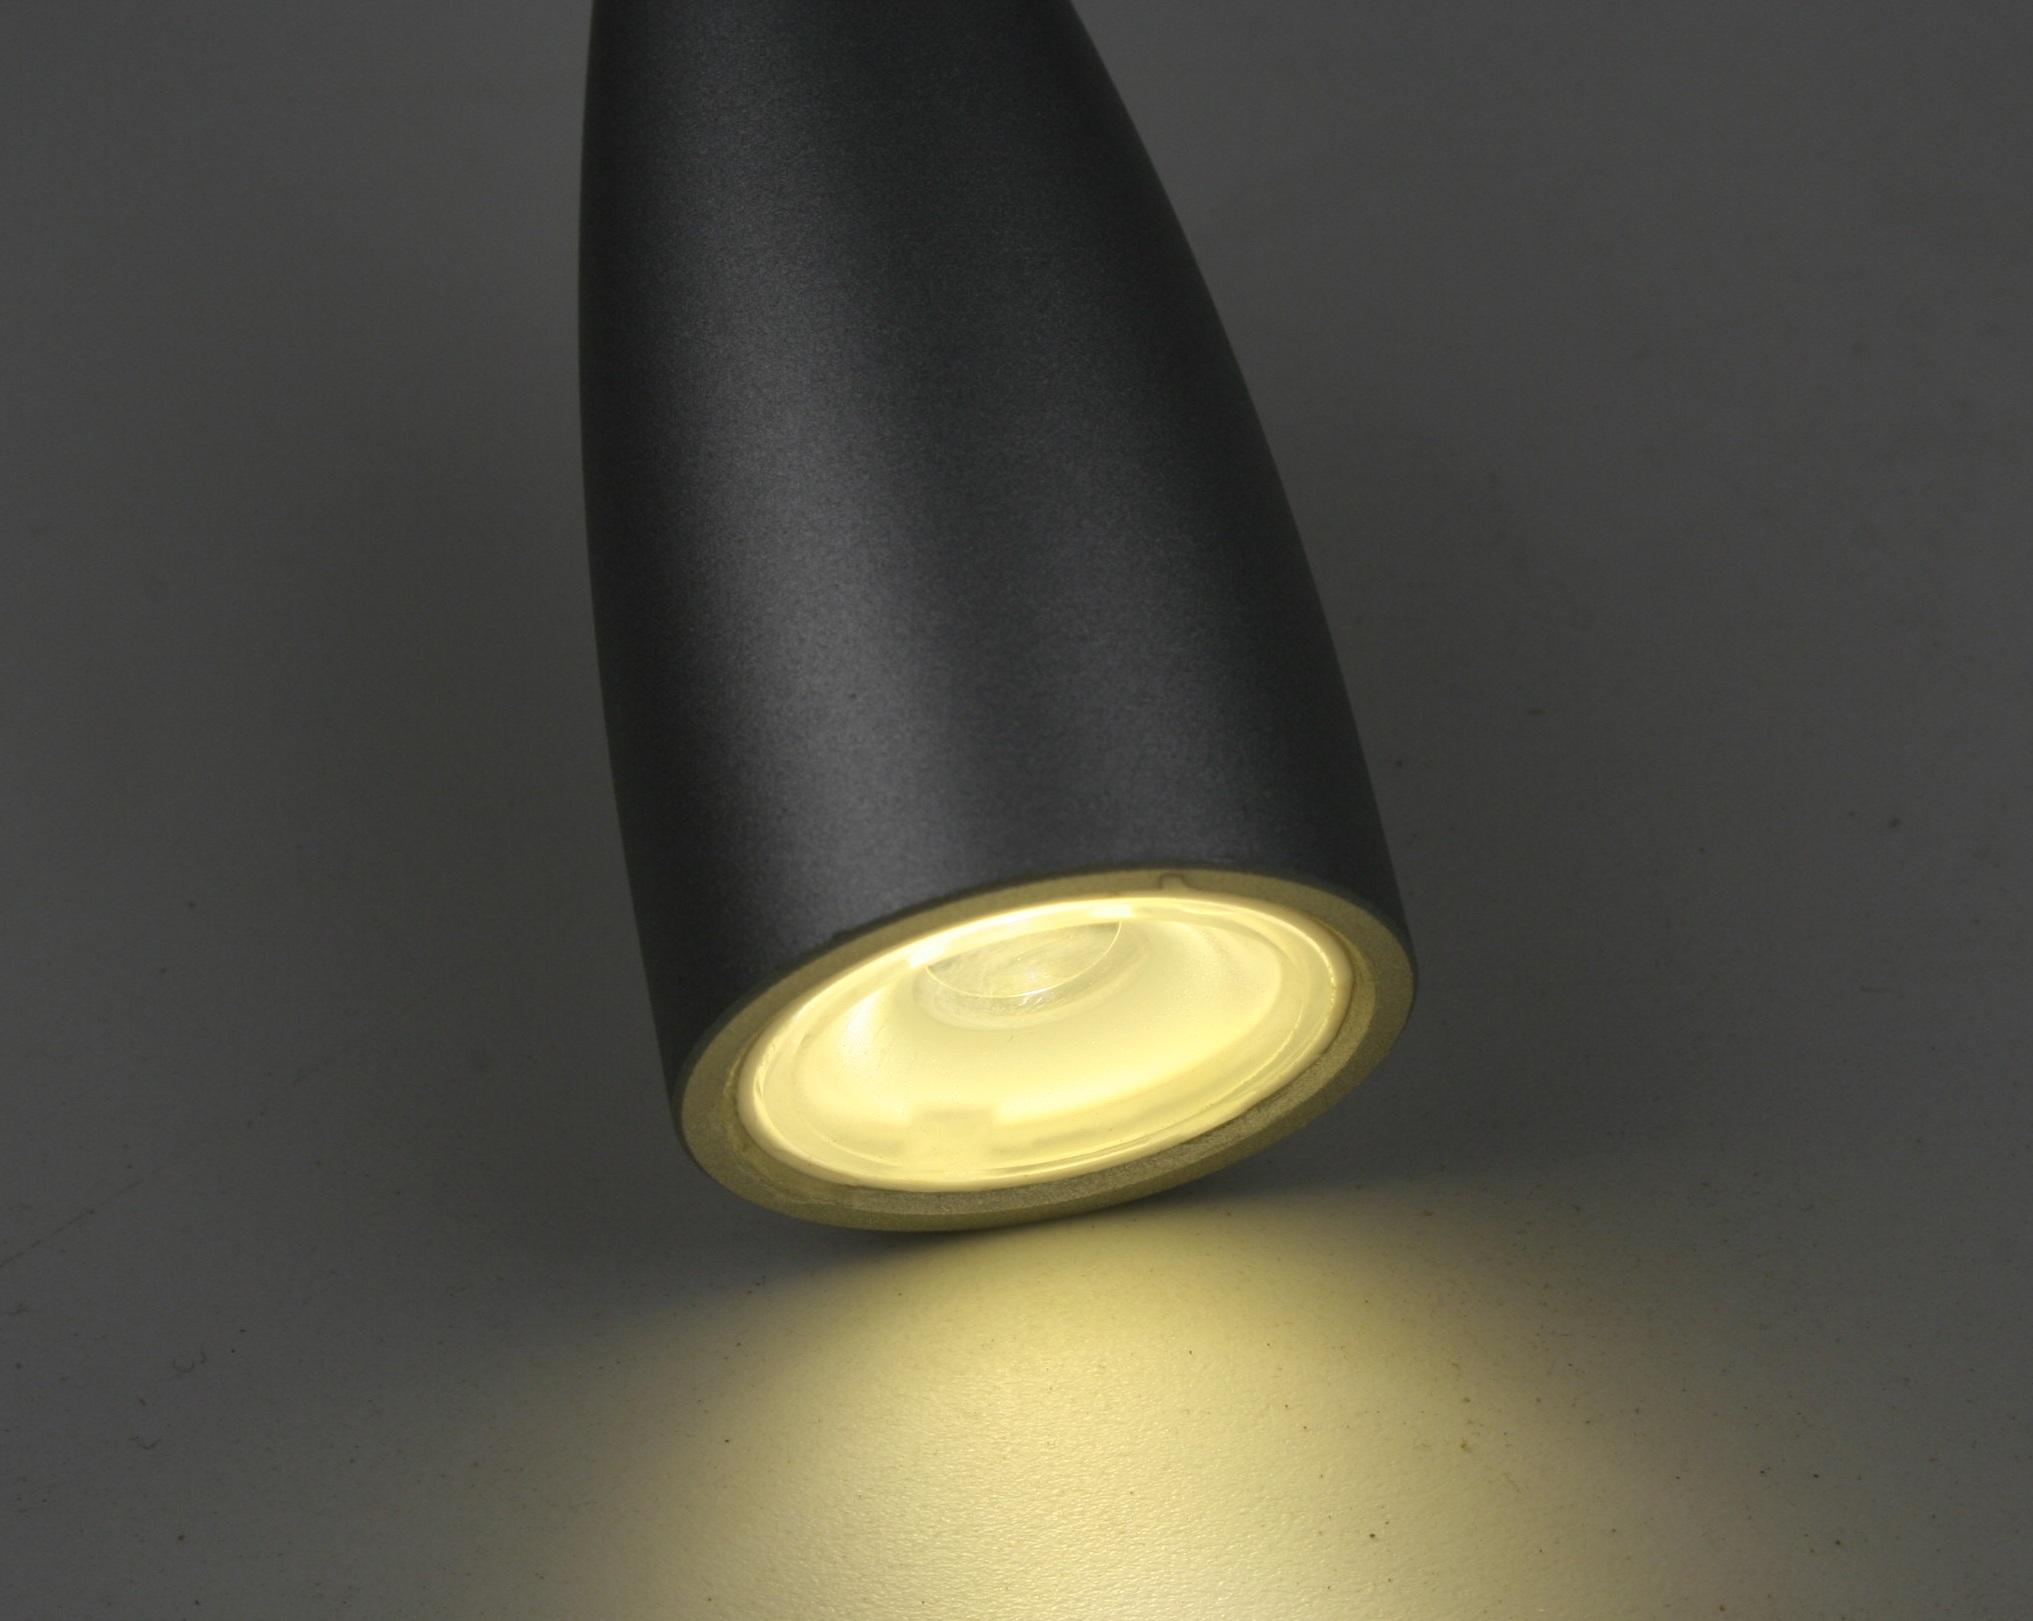 Gooseneck 12 Volt Map Light Chart Light Warm White